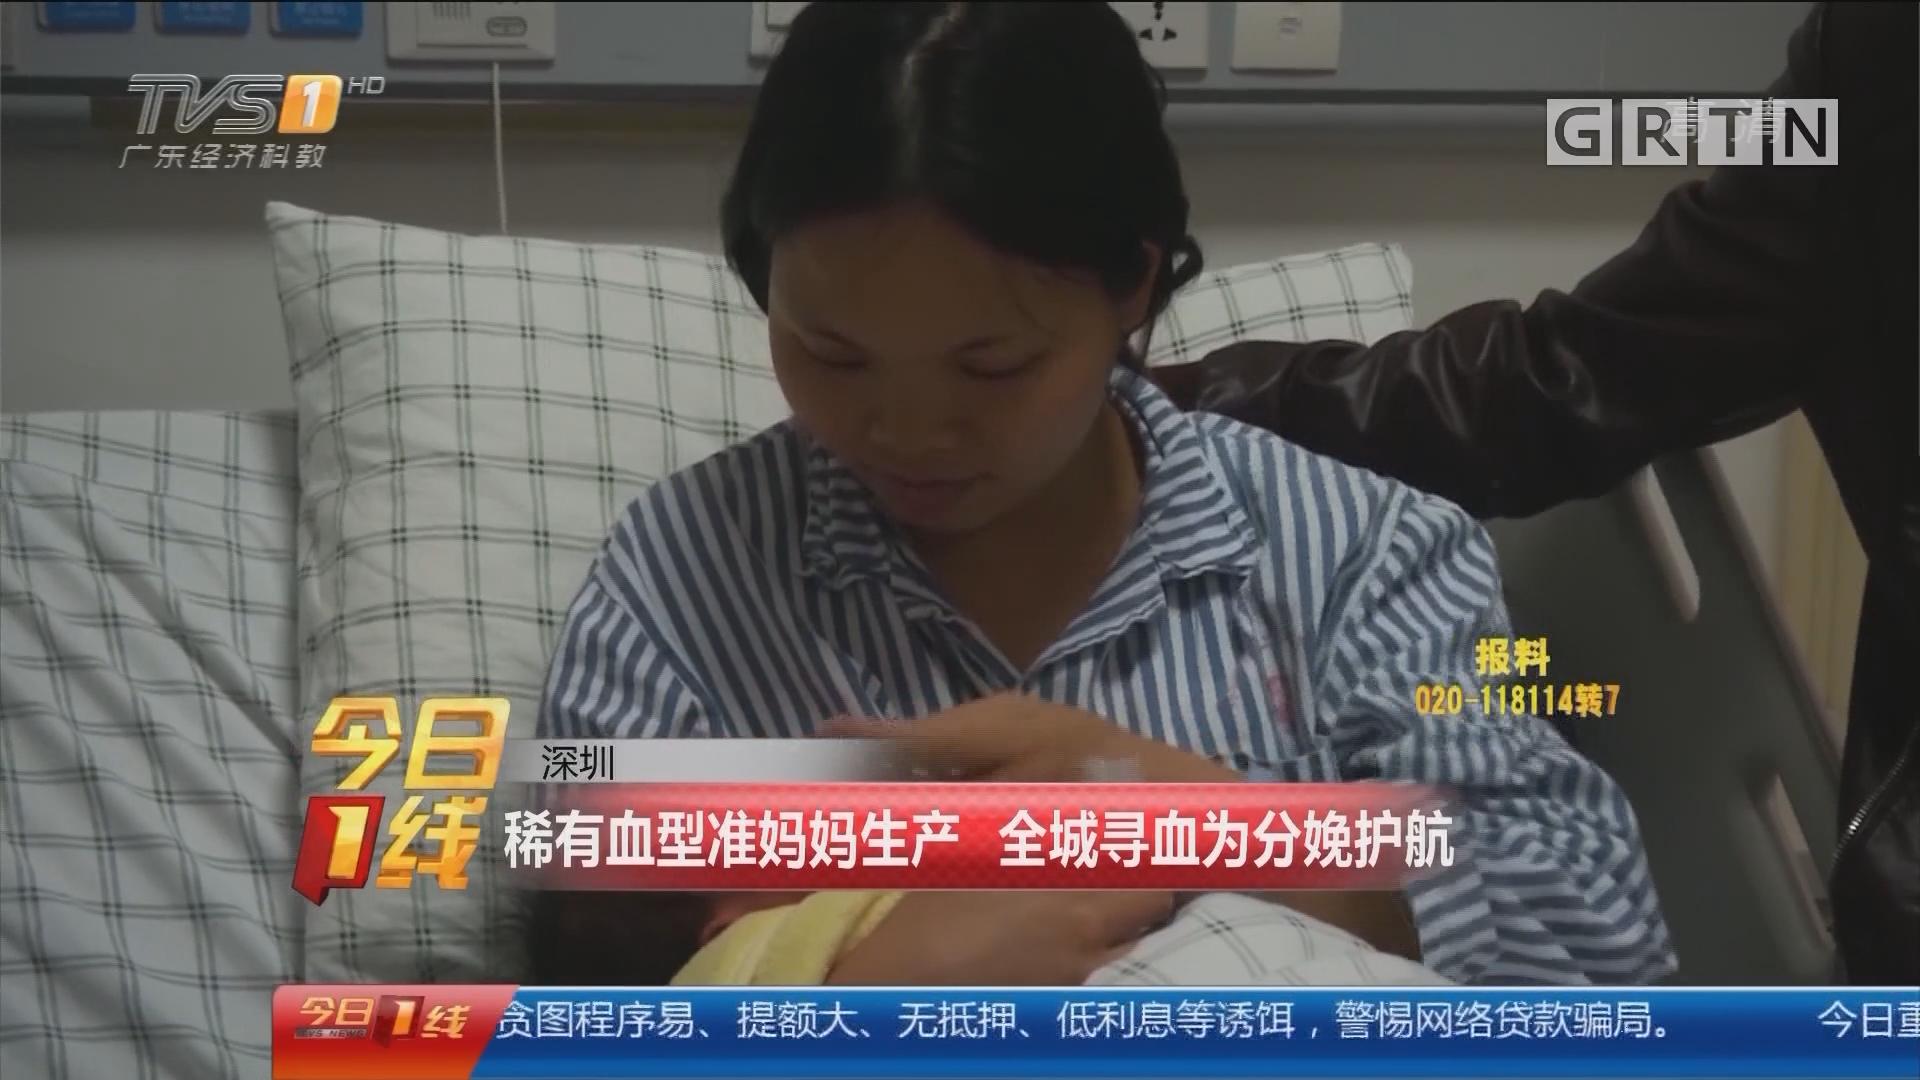 深圳:稀有血型准妈妈生产 全城寻血为分娩护航